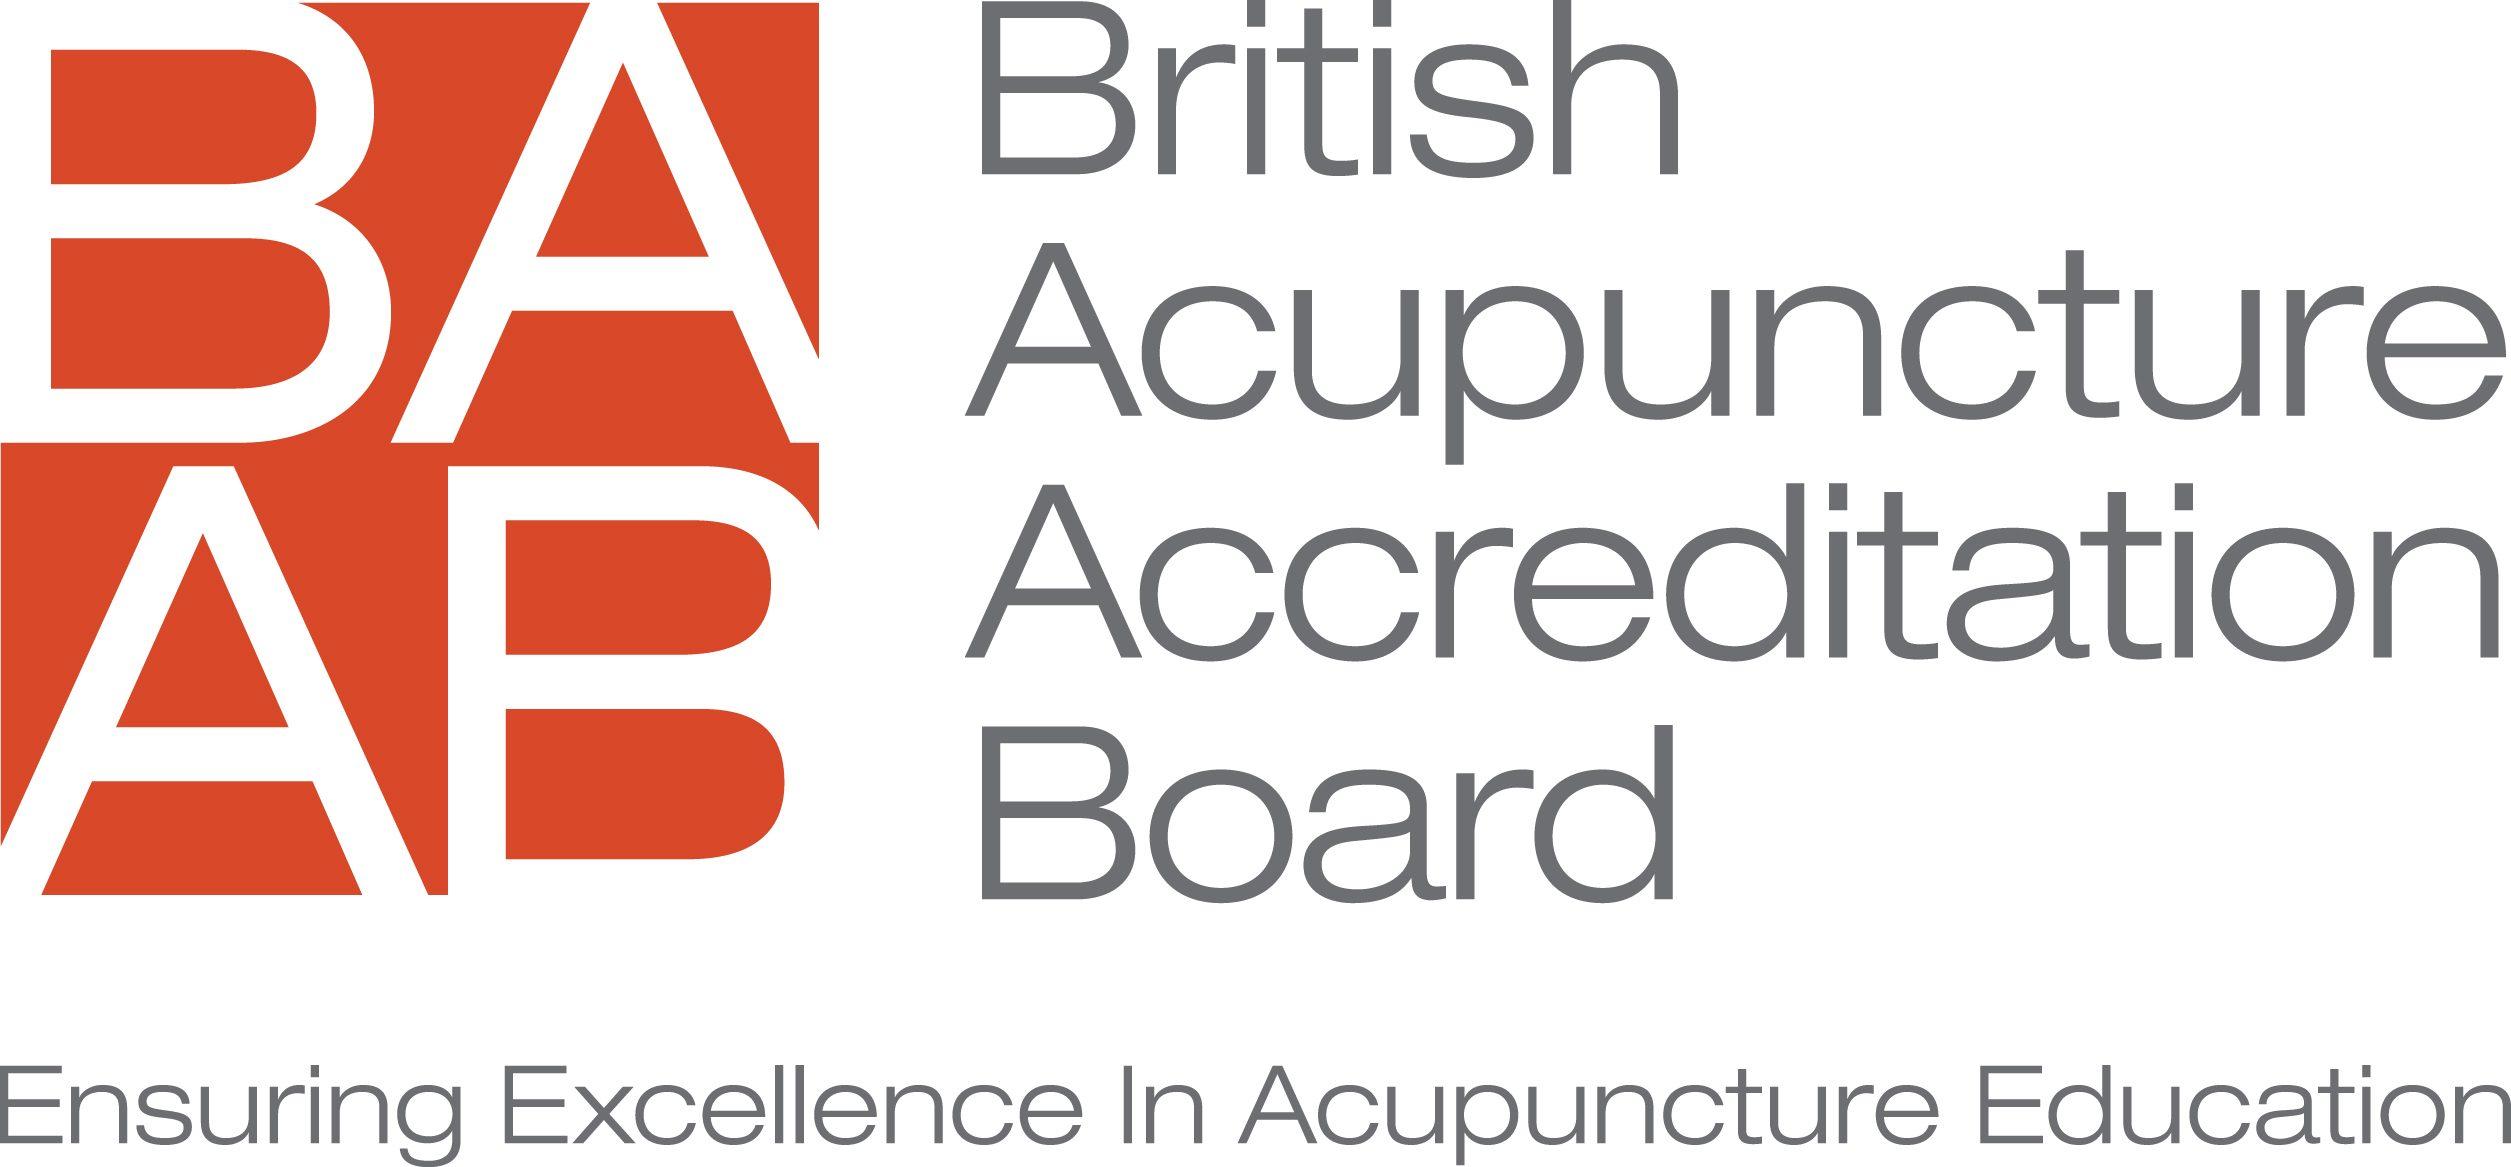 BAAB Accreditation Handbook